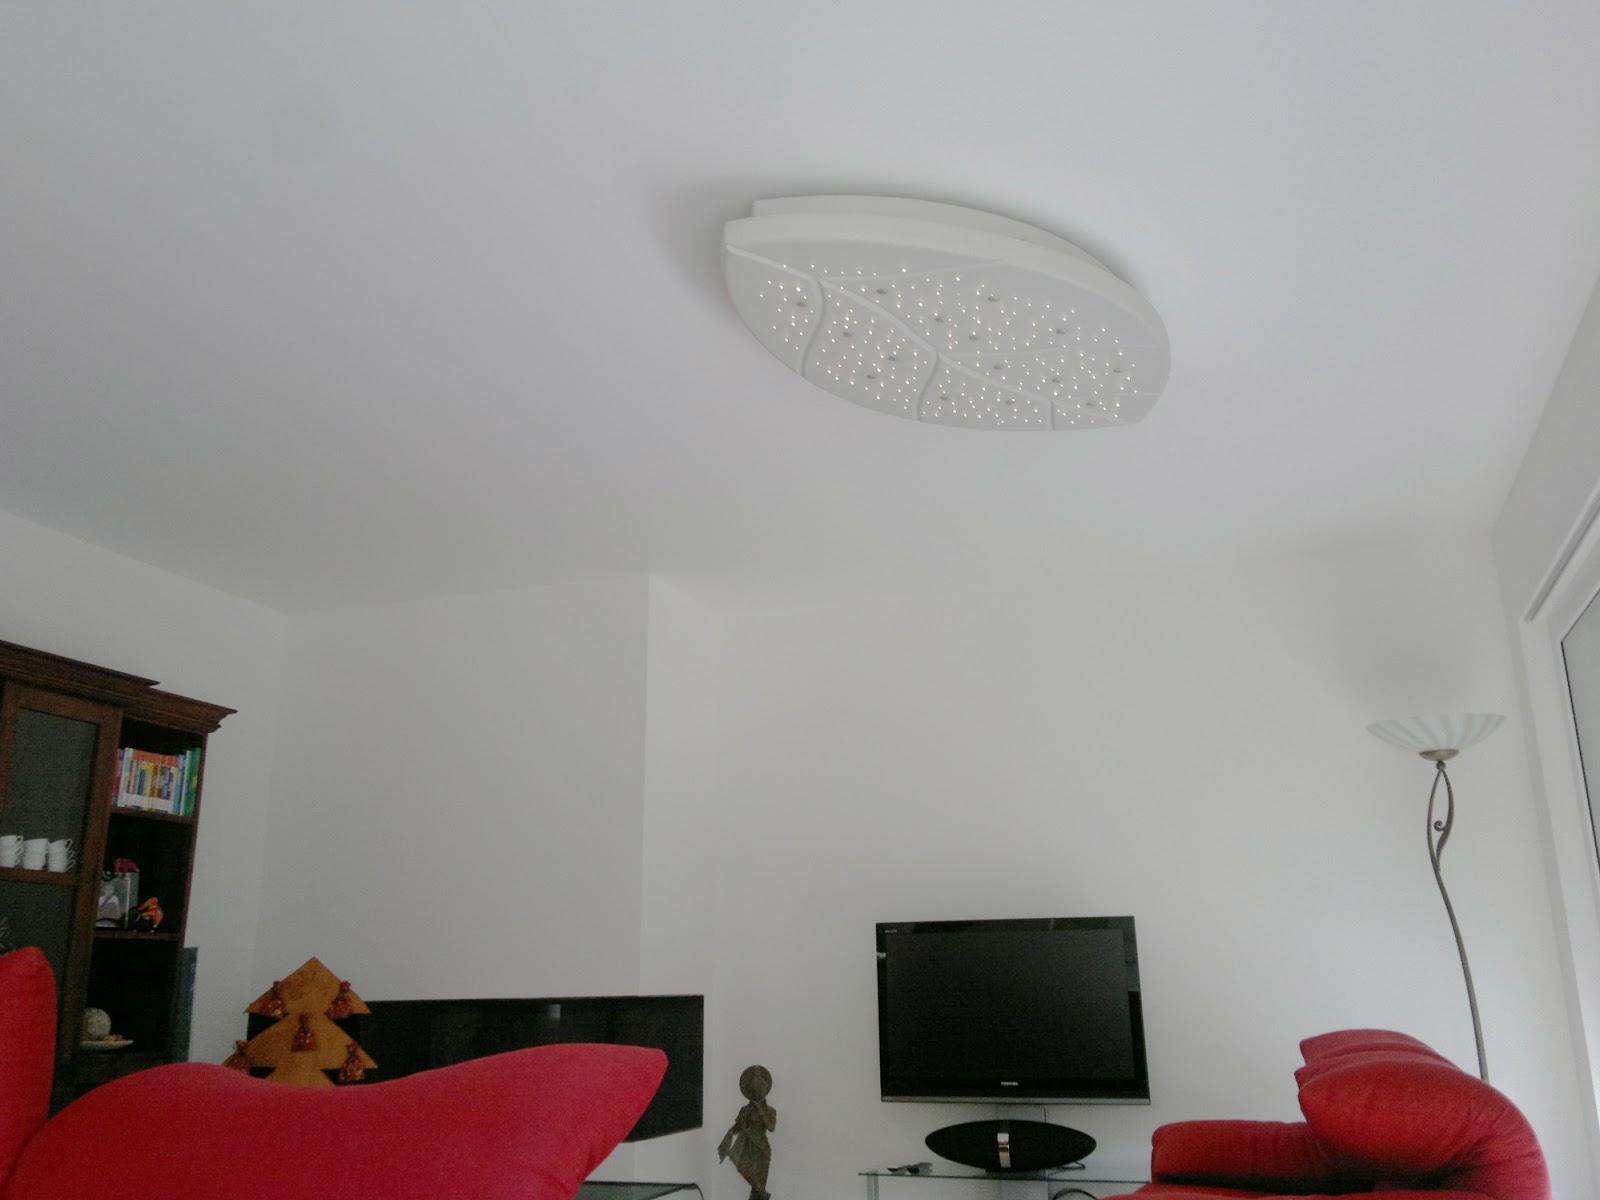 Illuminazione casa fibra ottica foto particolare illuminazione